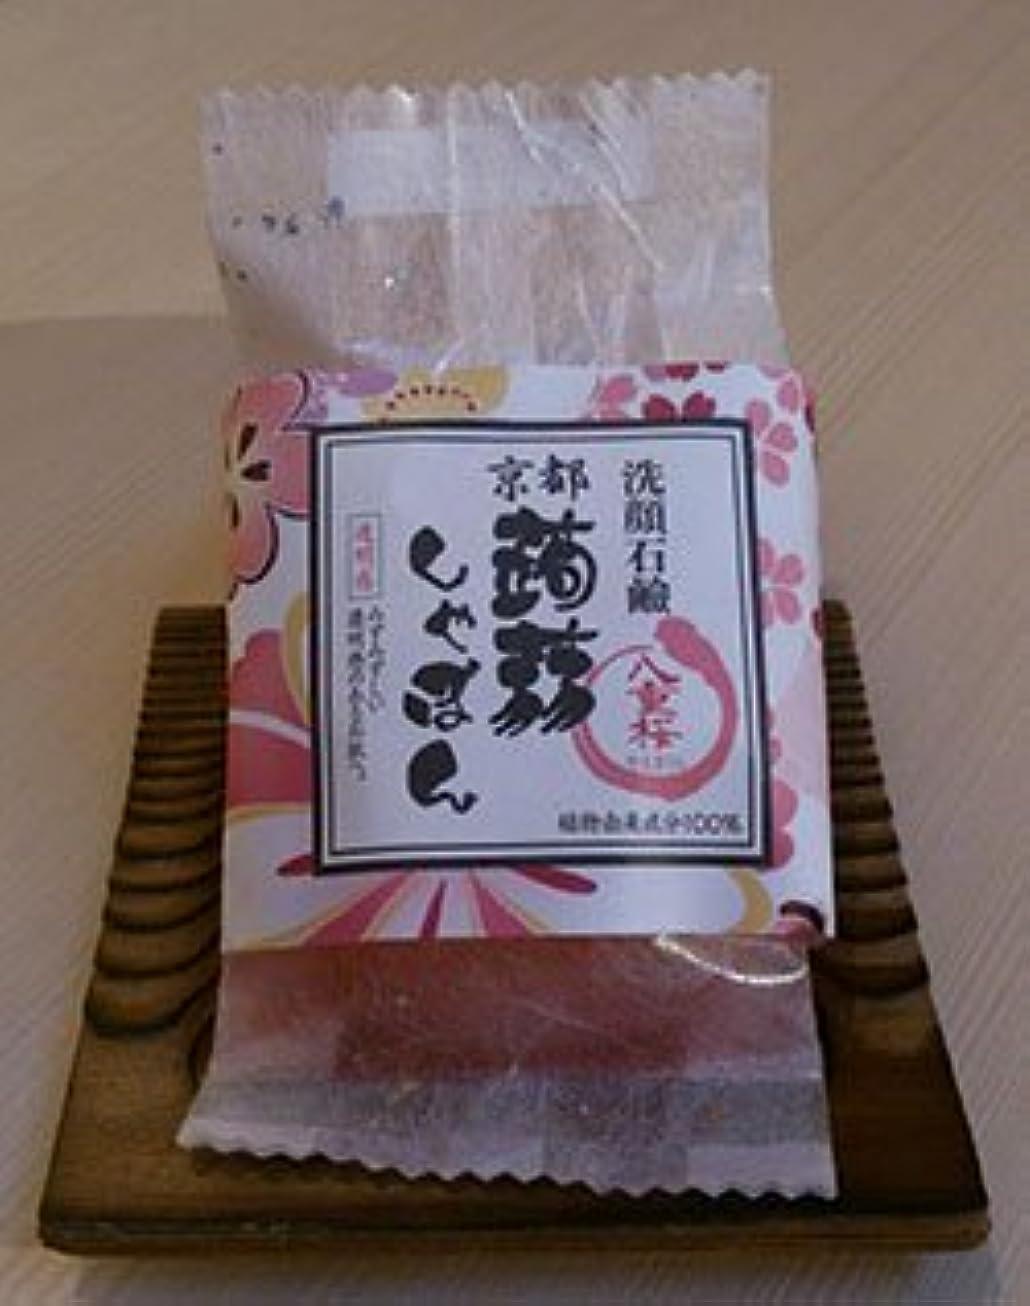 失効拒絶ペンフレンド京都蒟蒻しゃぼん「八重桜 やえざくら」